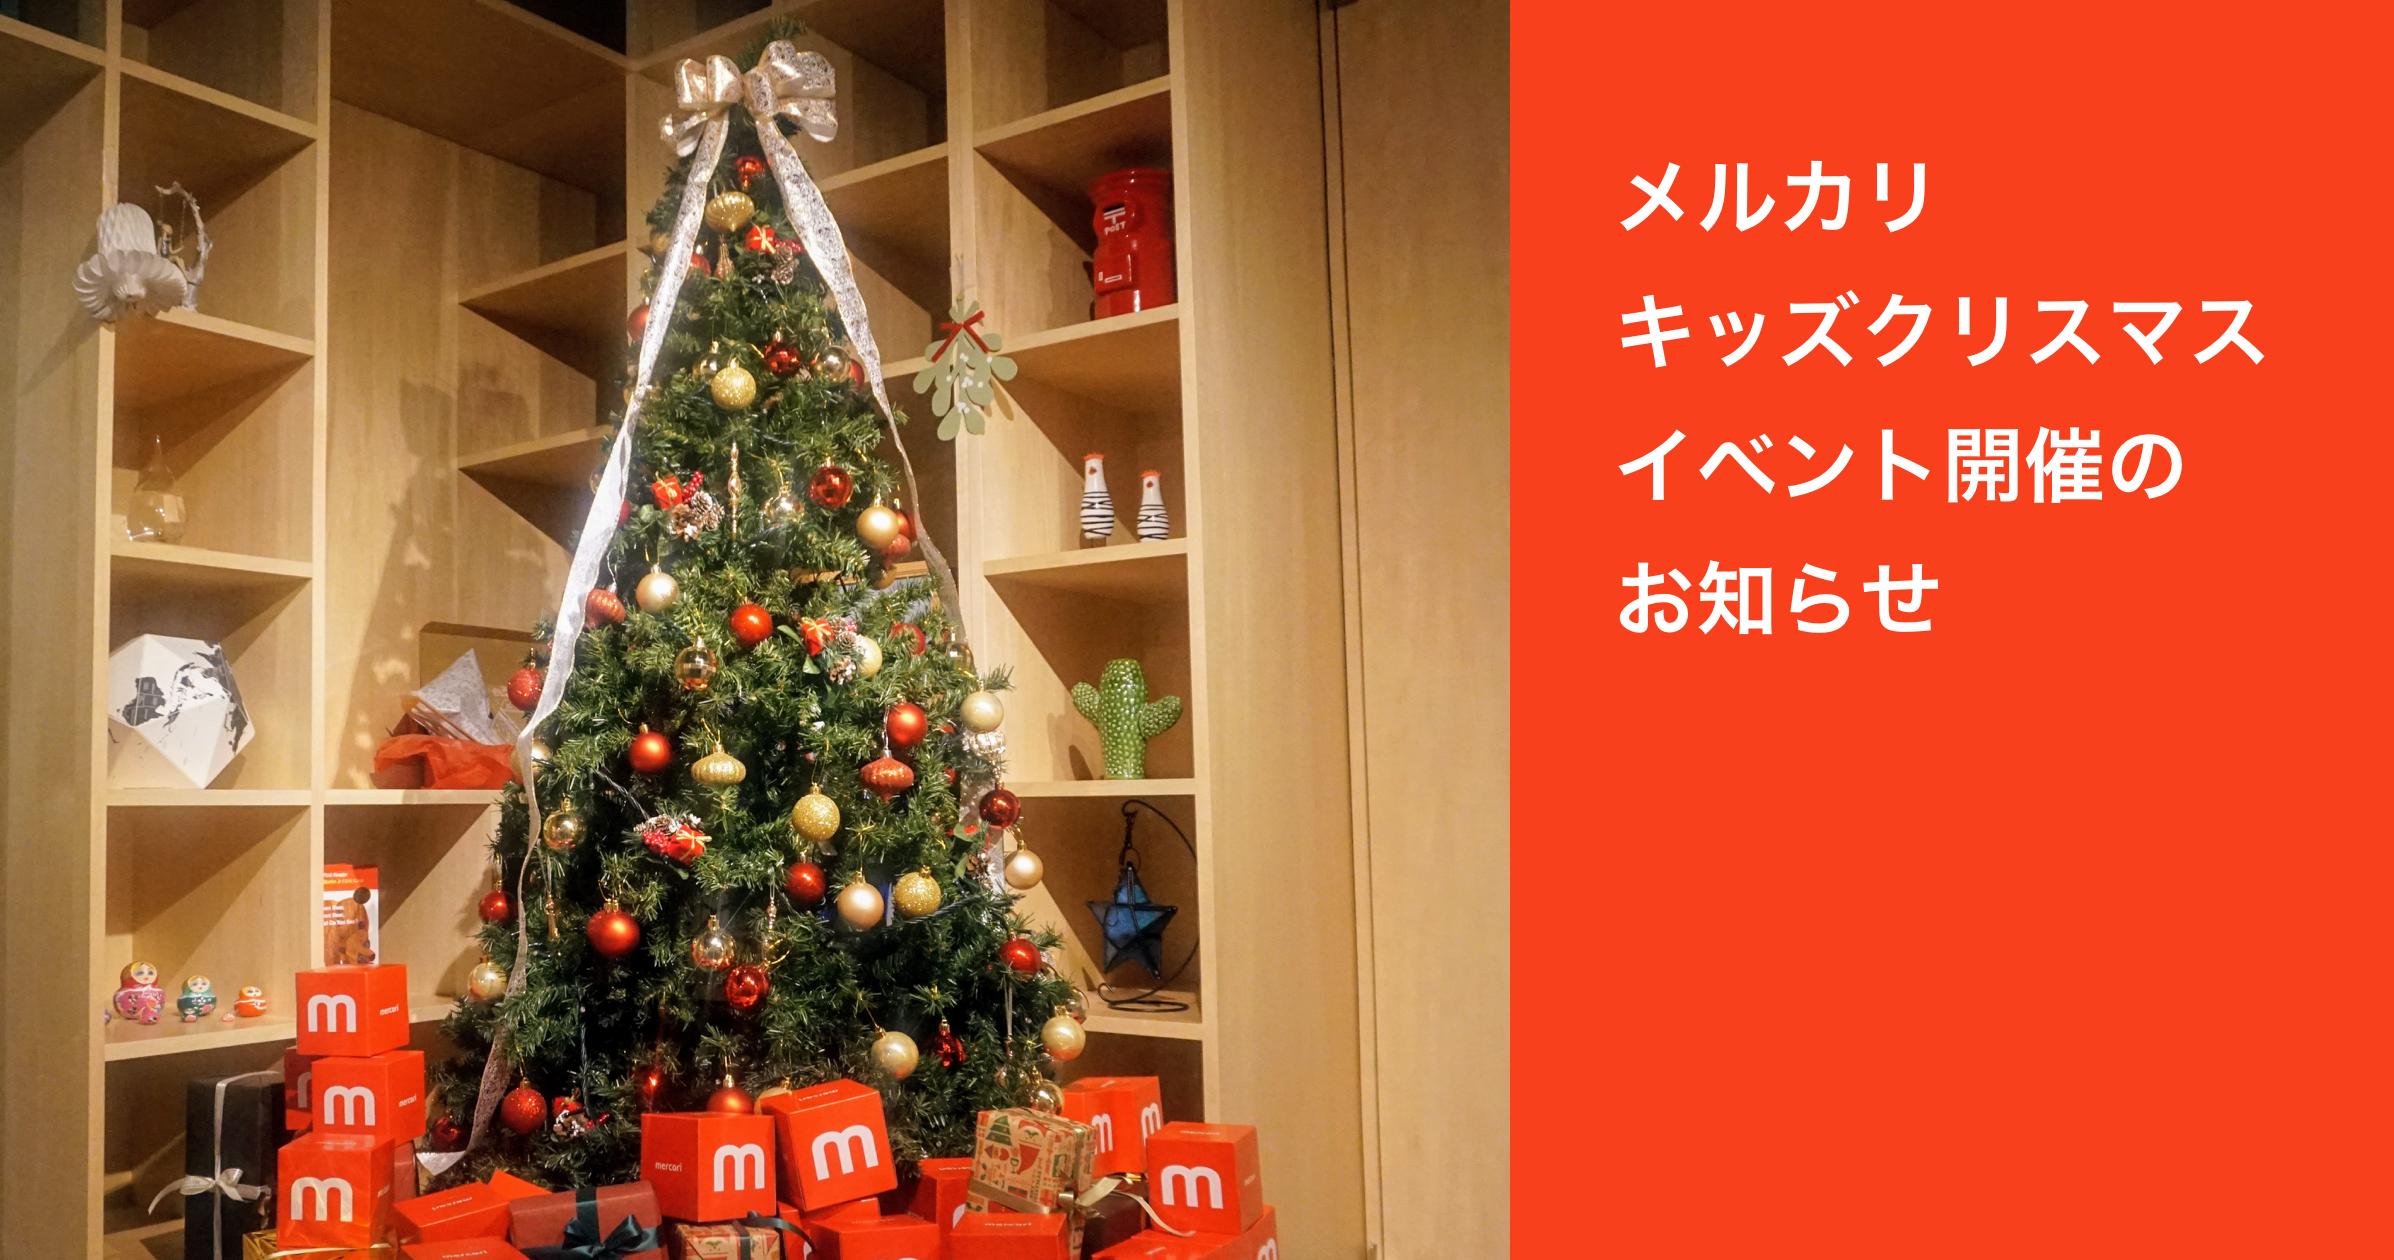 【イベント開催のお知らせ】 12/23(日)メルカリ キッズ クリスマス